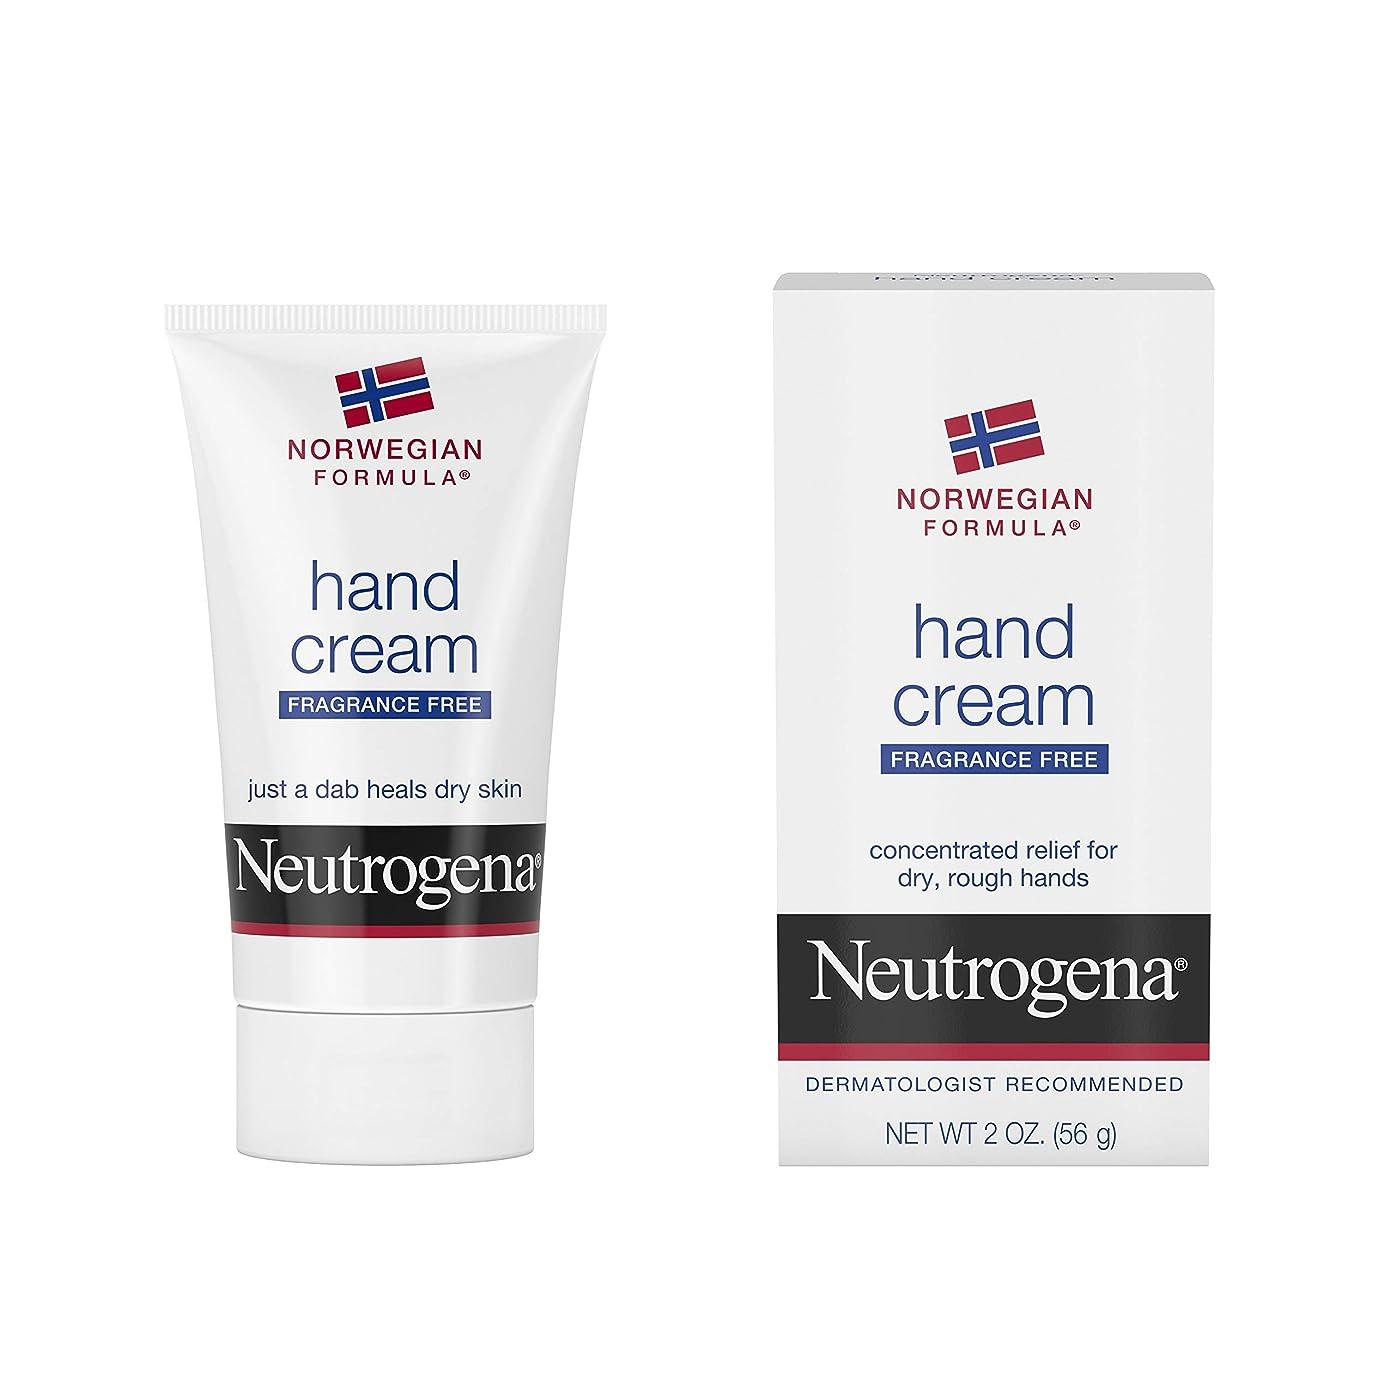 比較的好戦的な弾丸Neutrogena Norwegian Formula Hand Cream Fragrance-Free 60 ml (並行輸入品)